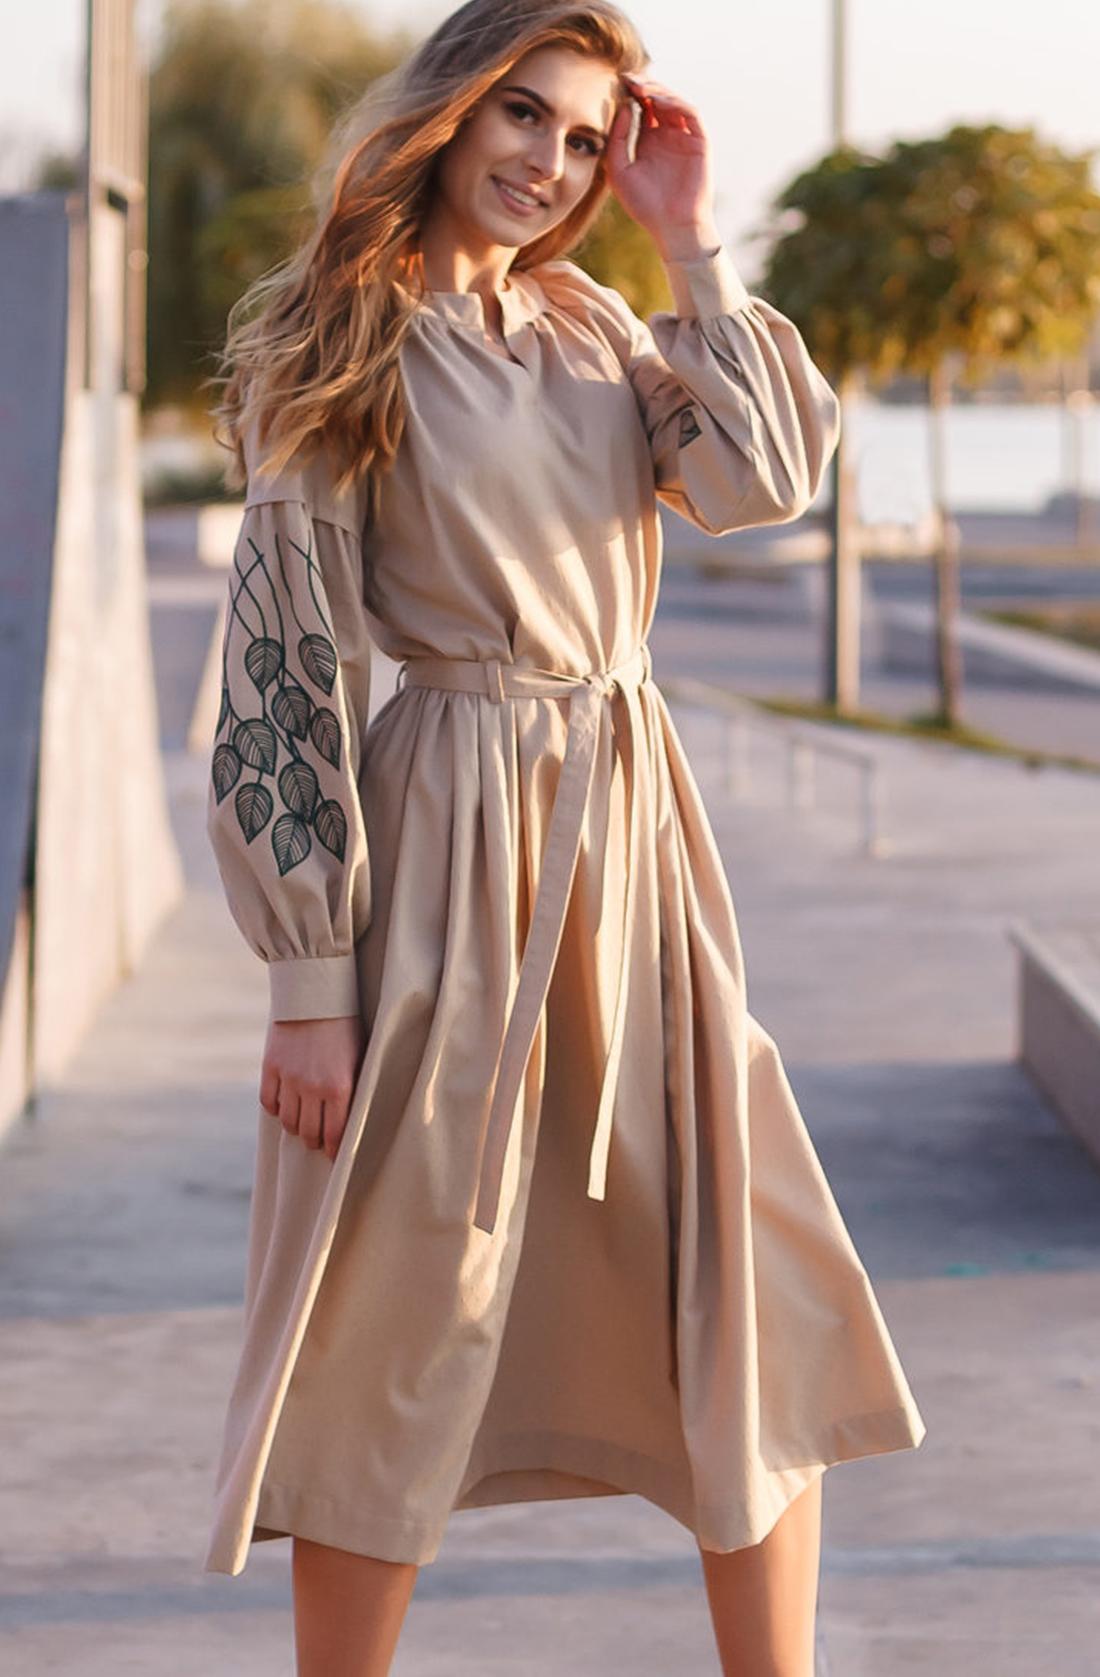 Вышитое платье с вышивкой на рукавах